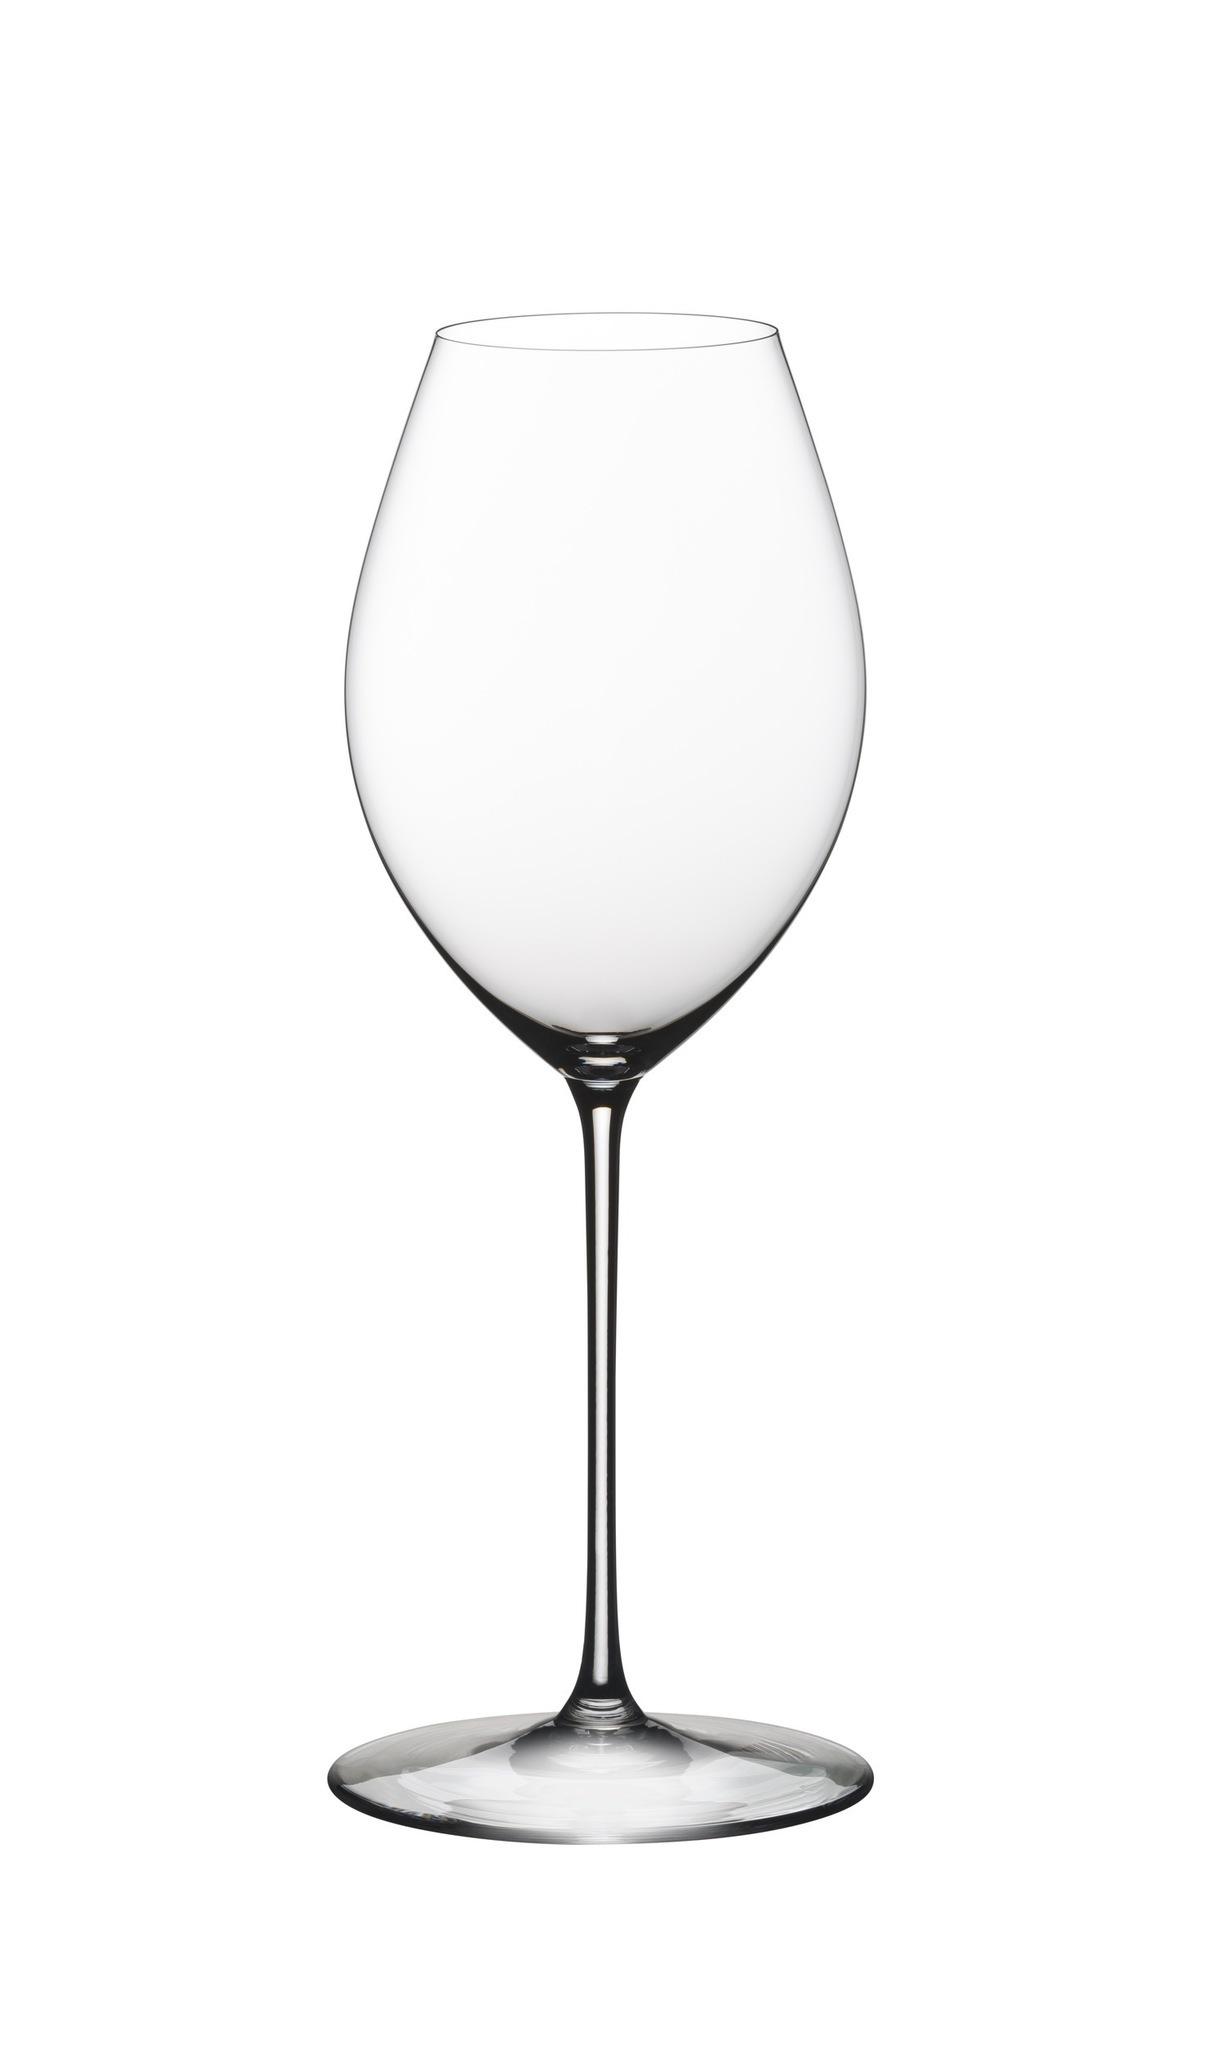 Бокал для вина Riedel Superleggero Hermitage/Syrah, 596 мл